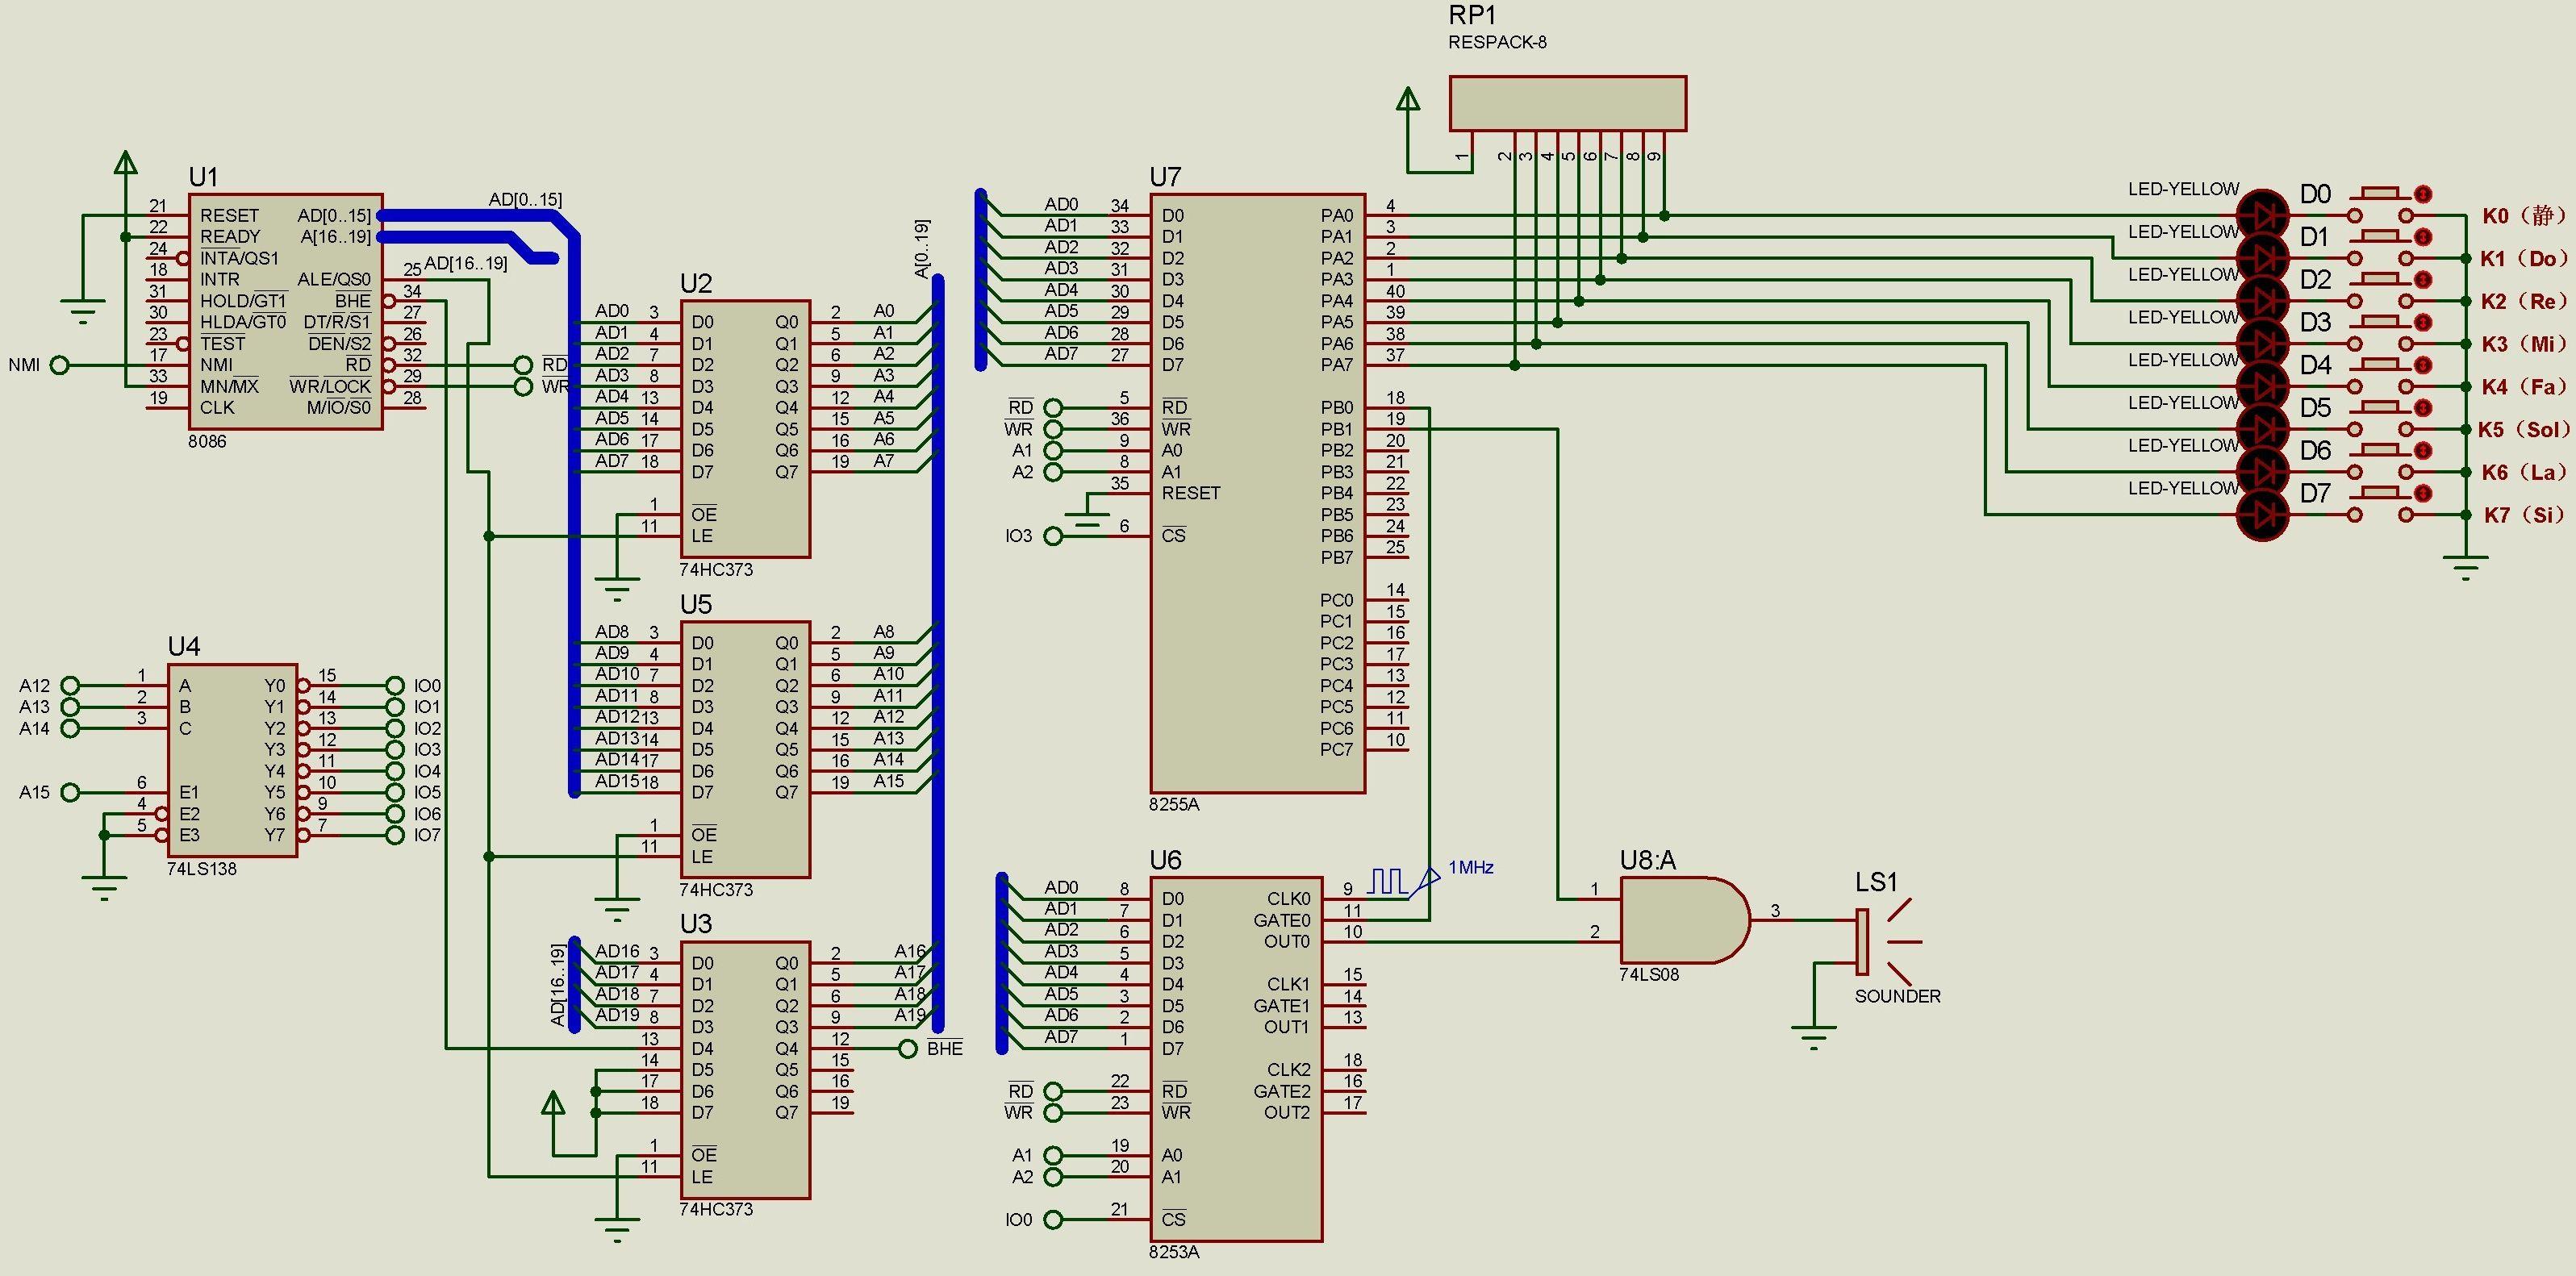 以下用proteus中的8255,8253仿真简易电子琴的程序和接线哪里有错?